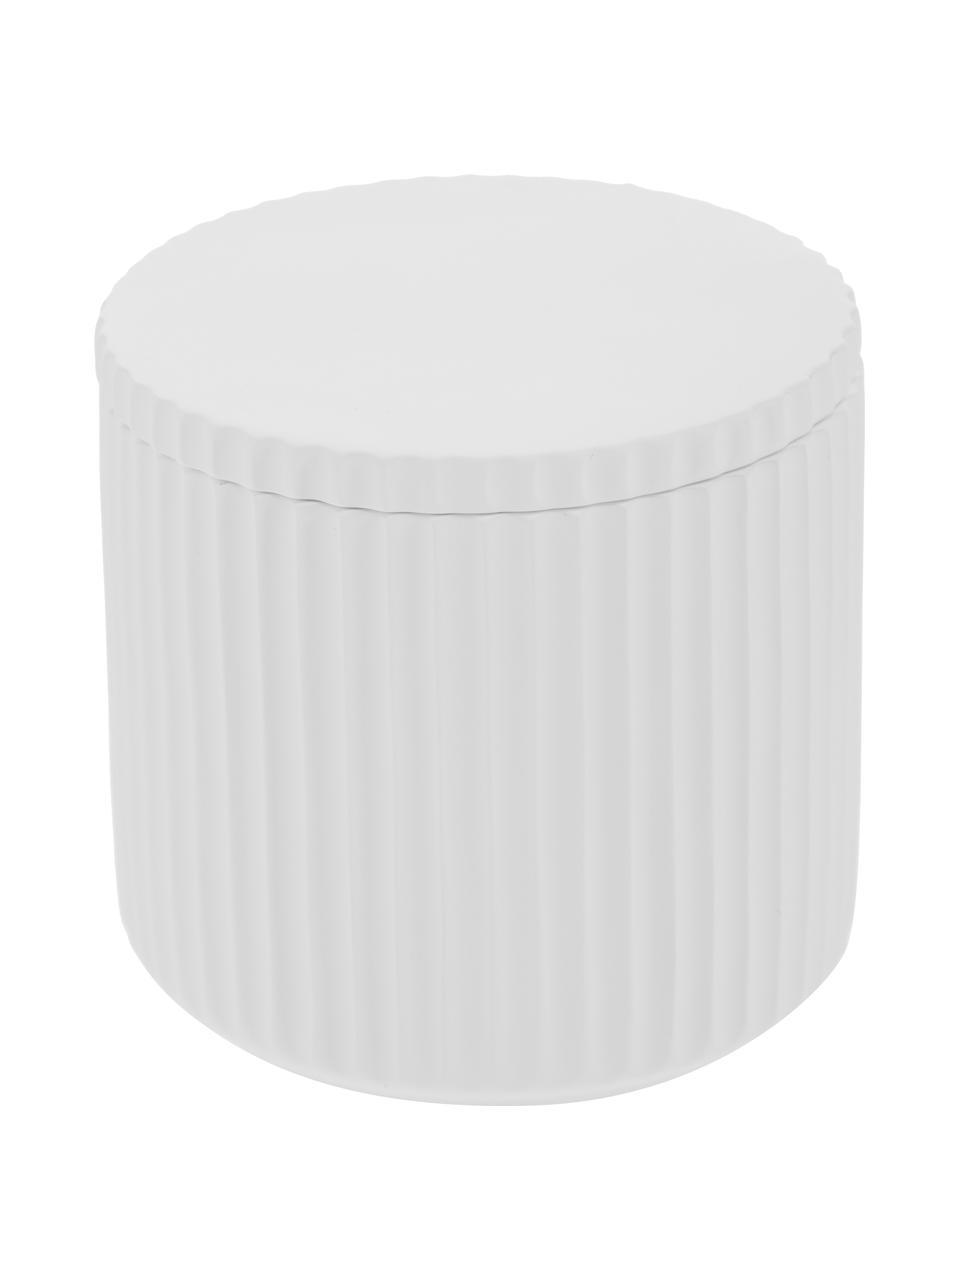 Aufbewahrungsdose Alessia, Porzellan, Weiß, Ø 9 x H 9 cm